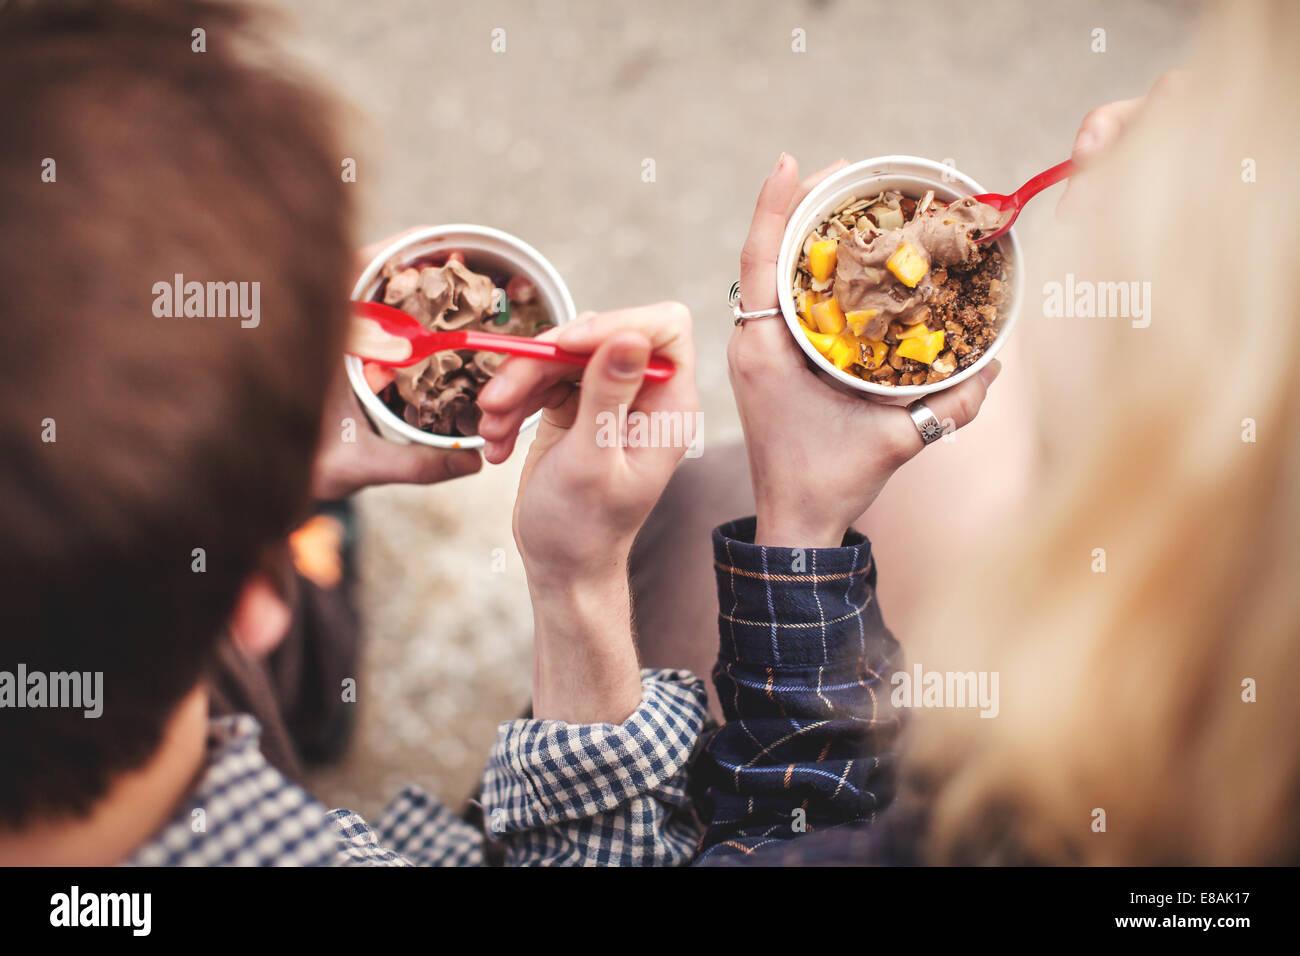 Pareja de tinas de Comer yogur congelado tratar Imagen De Stock